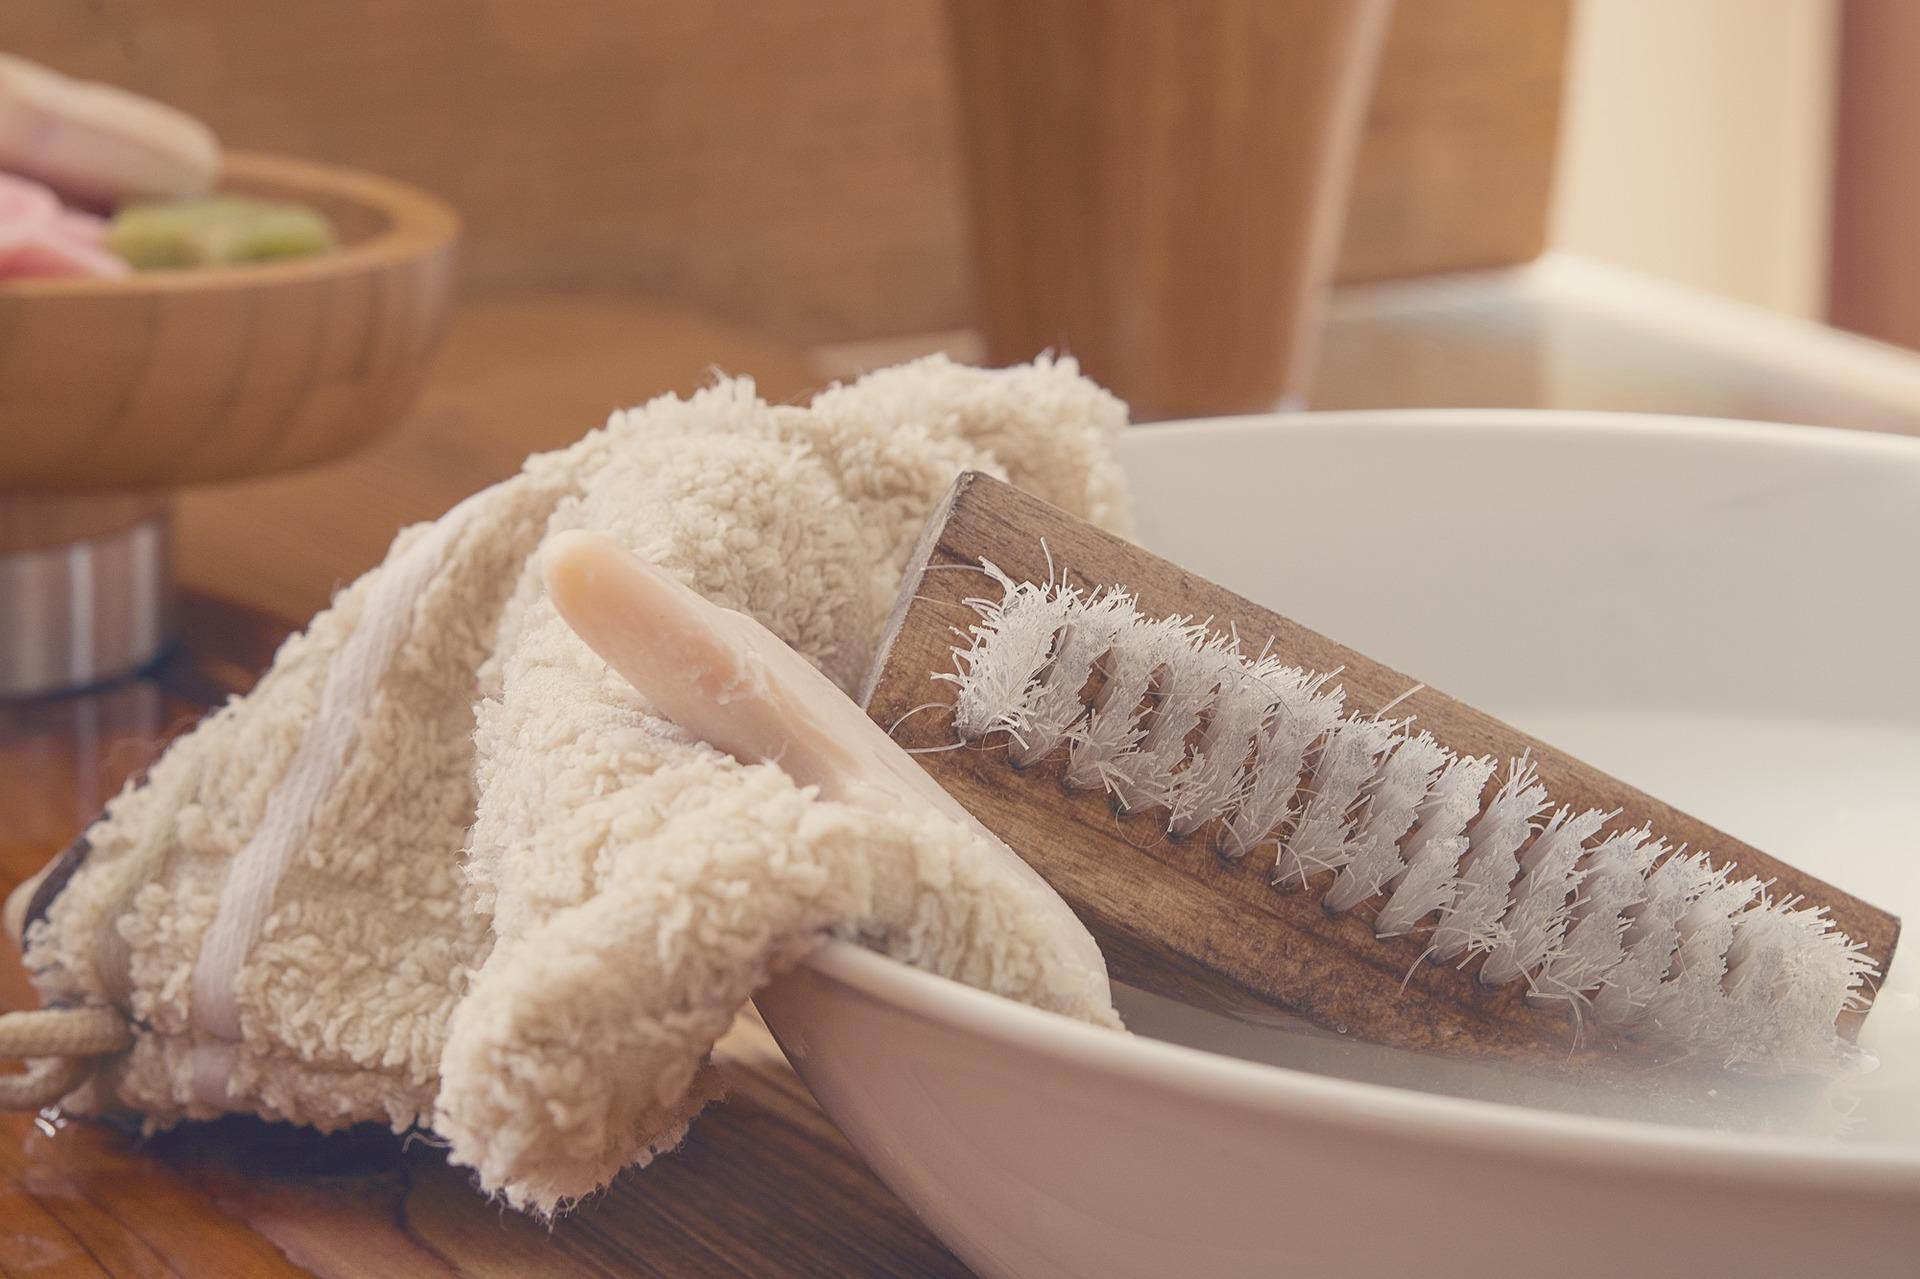 Recette lessive maison qui ne durcit pas -Lessive maison qui ne durcie pas